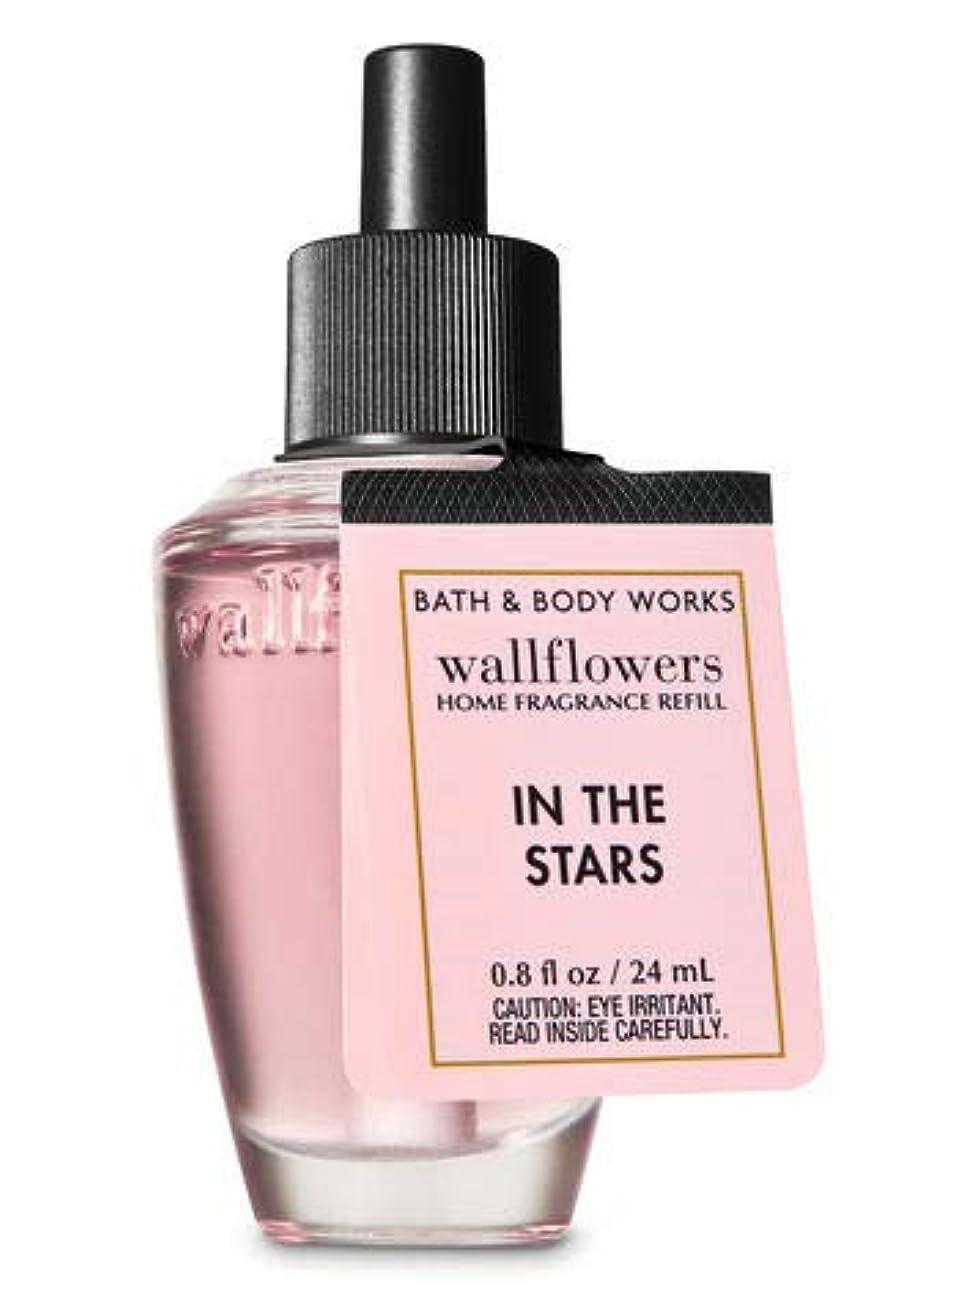 アリーナドライブ黙認する【Bath&Body Works/バス&ボディワークス】 ルームフレグランス 詰替えリフィル インザスターズ Wallflowers Home Fragrance Refill In the Stars [並行輸入品]